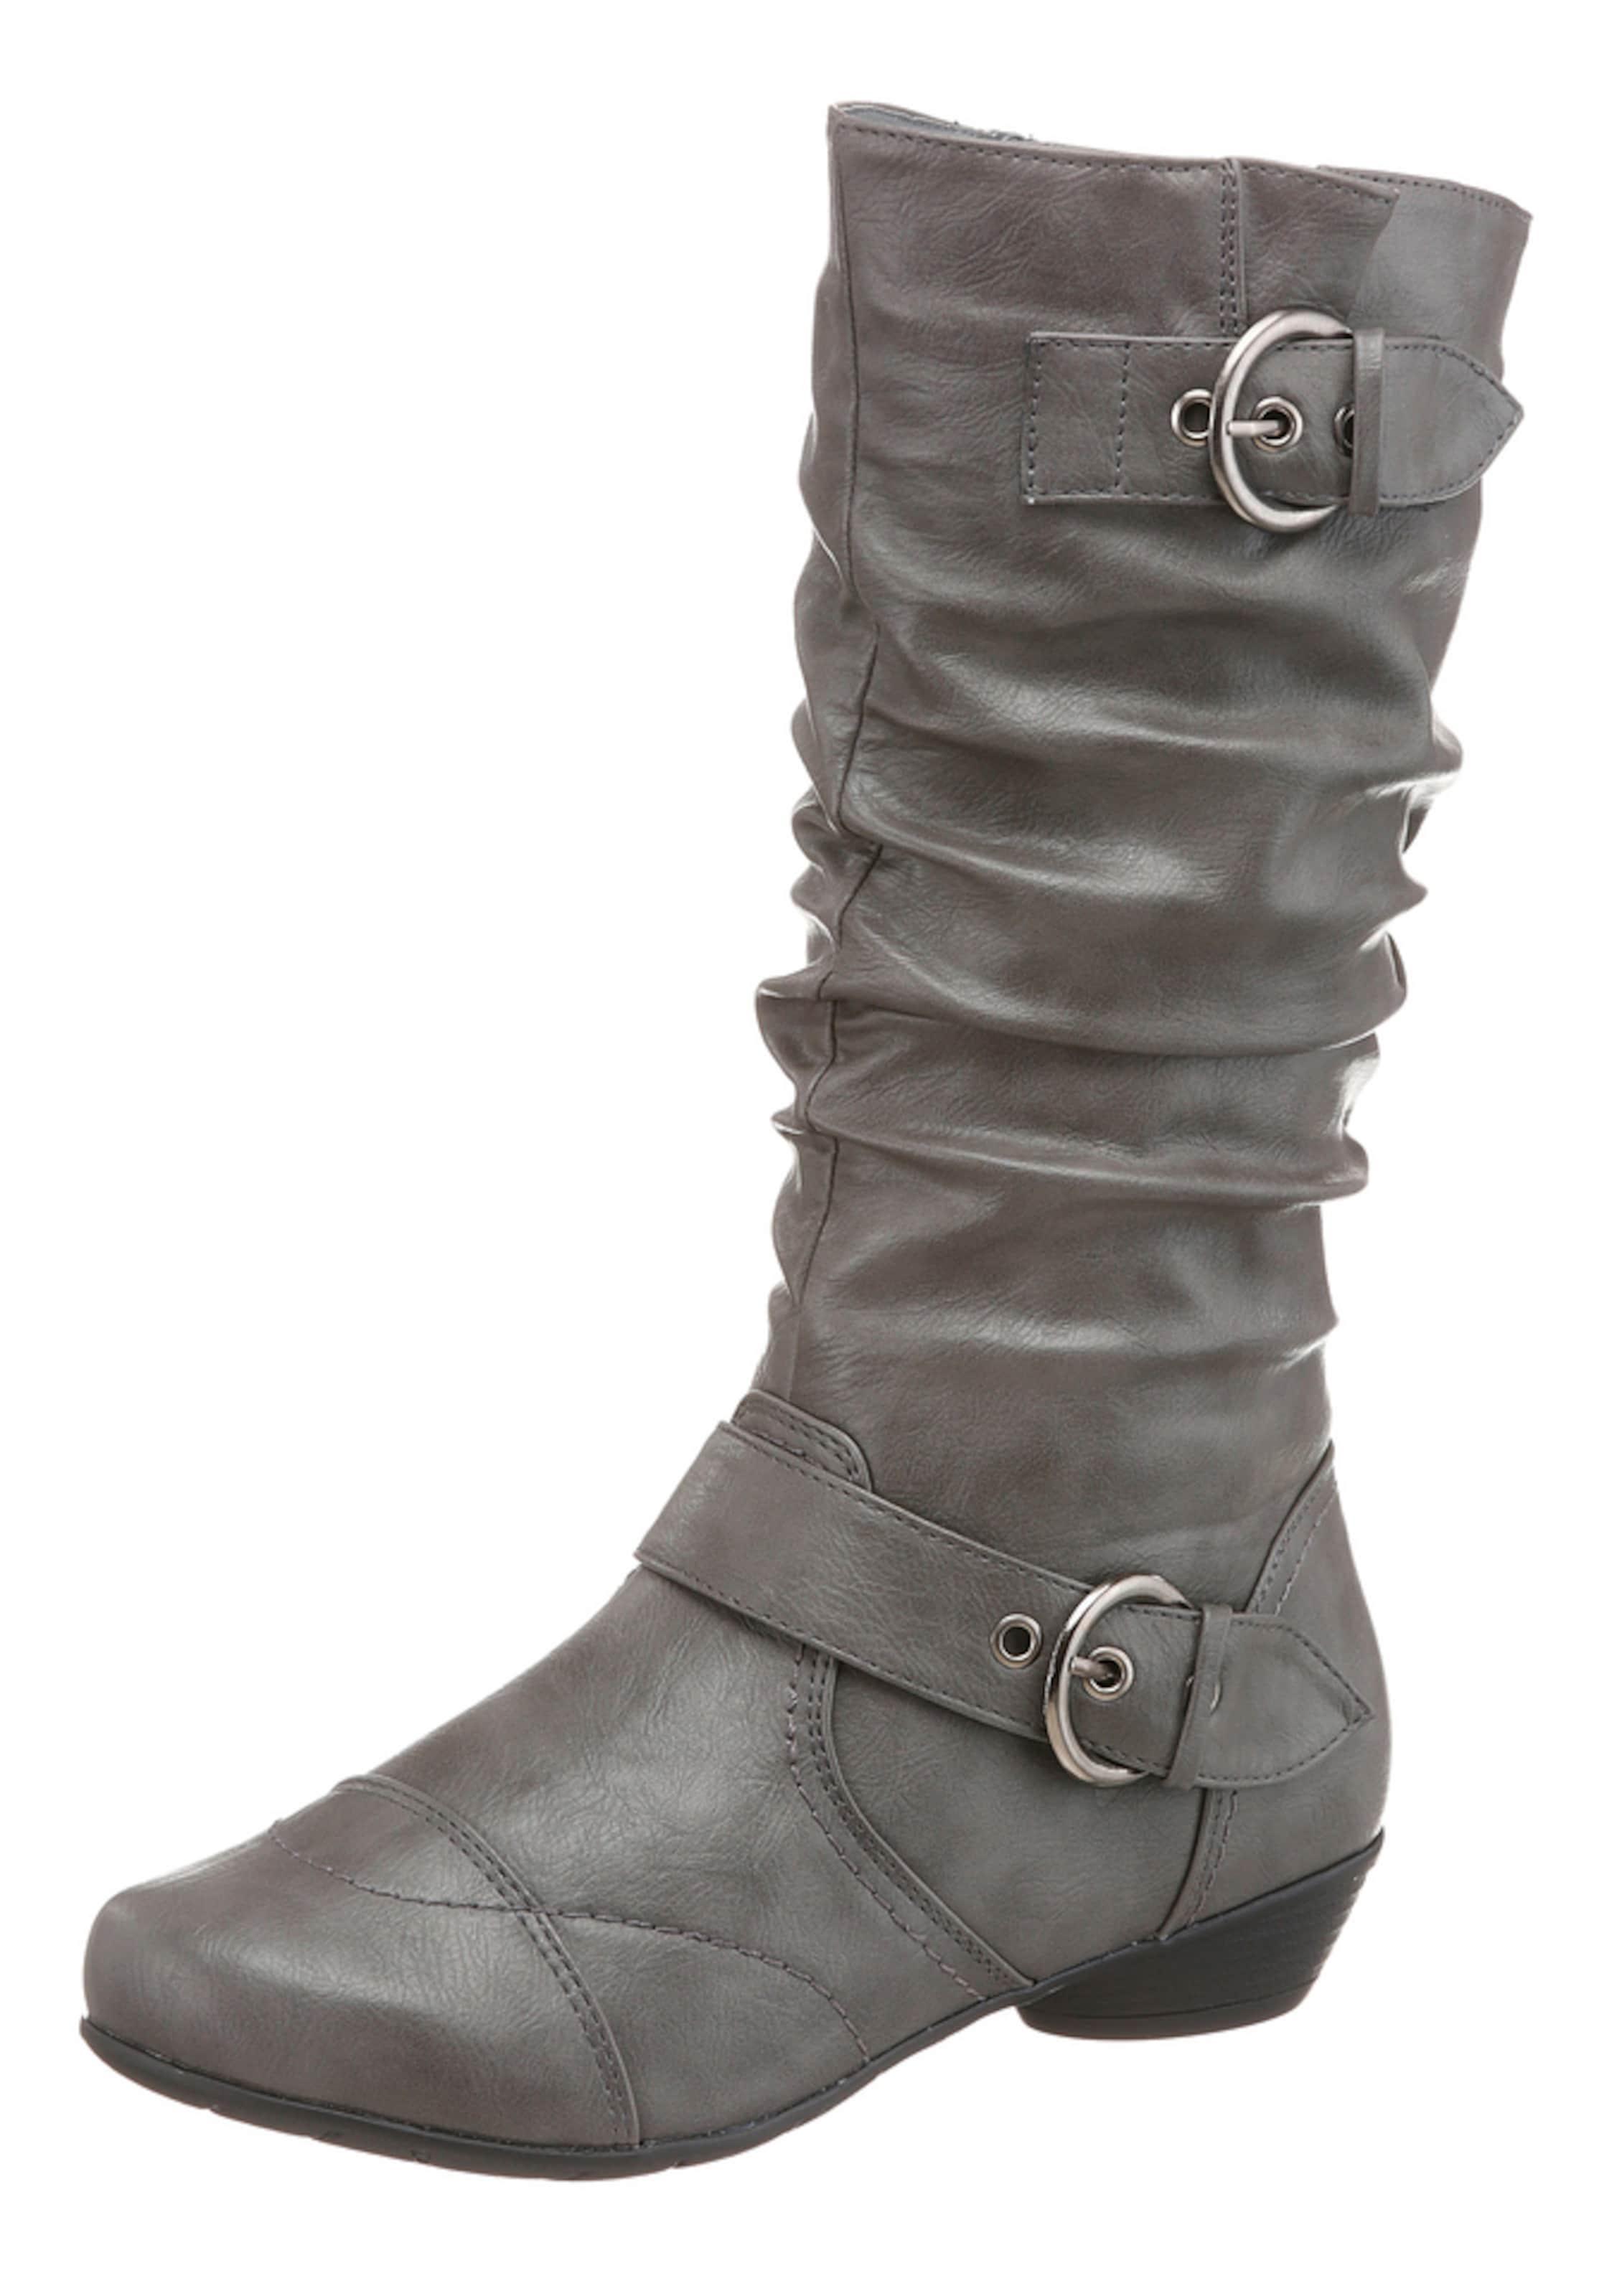 CITY WALK Stiefel Günstige und langlebige Schuhe